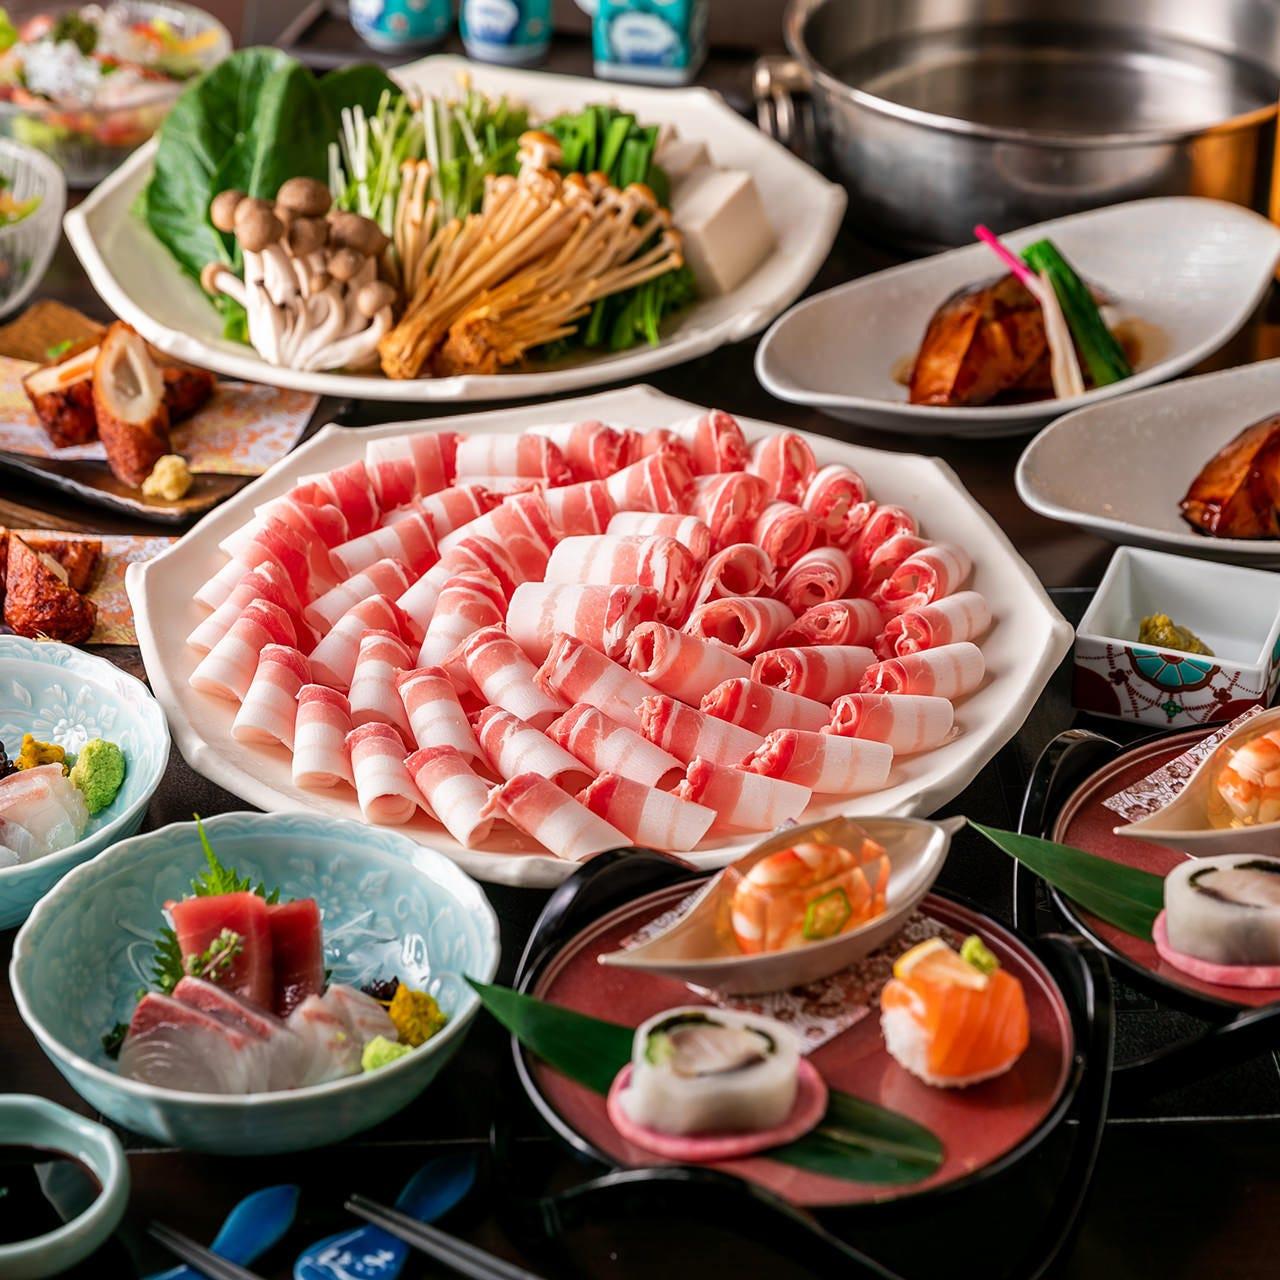 鍋料理や九州の郷土料理を堪能できるお得なコースをご用意!